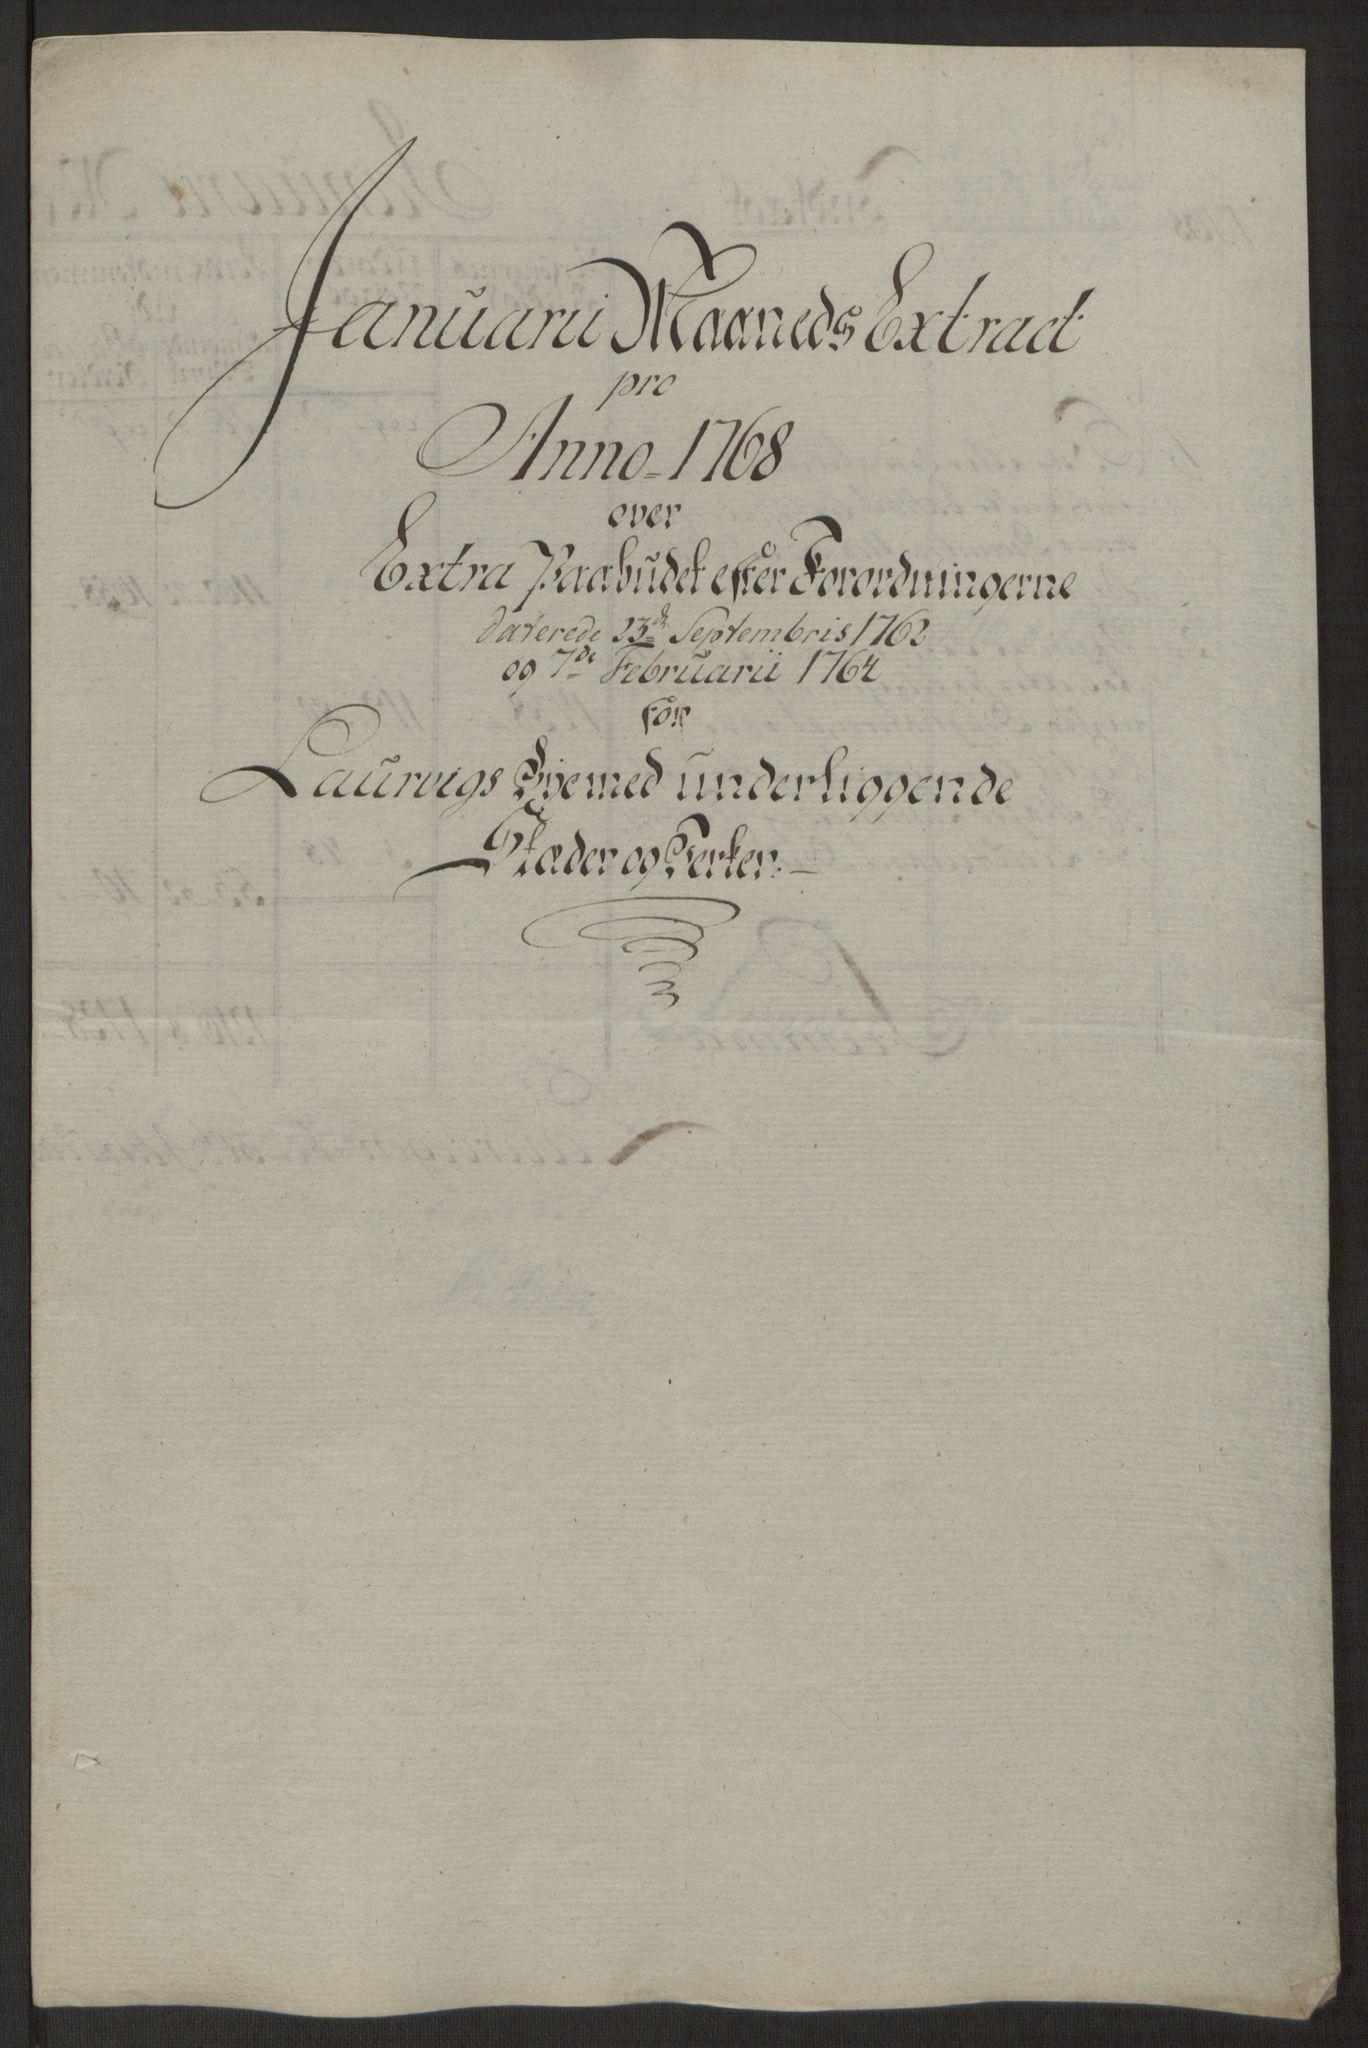 RA, Rentekammeret inntil 1814, Reviderte regnskaper, Byregnskaper, R/Ri/L0183: [I4] Kontribusjonsregnskap, 1762-1768, s. 457